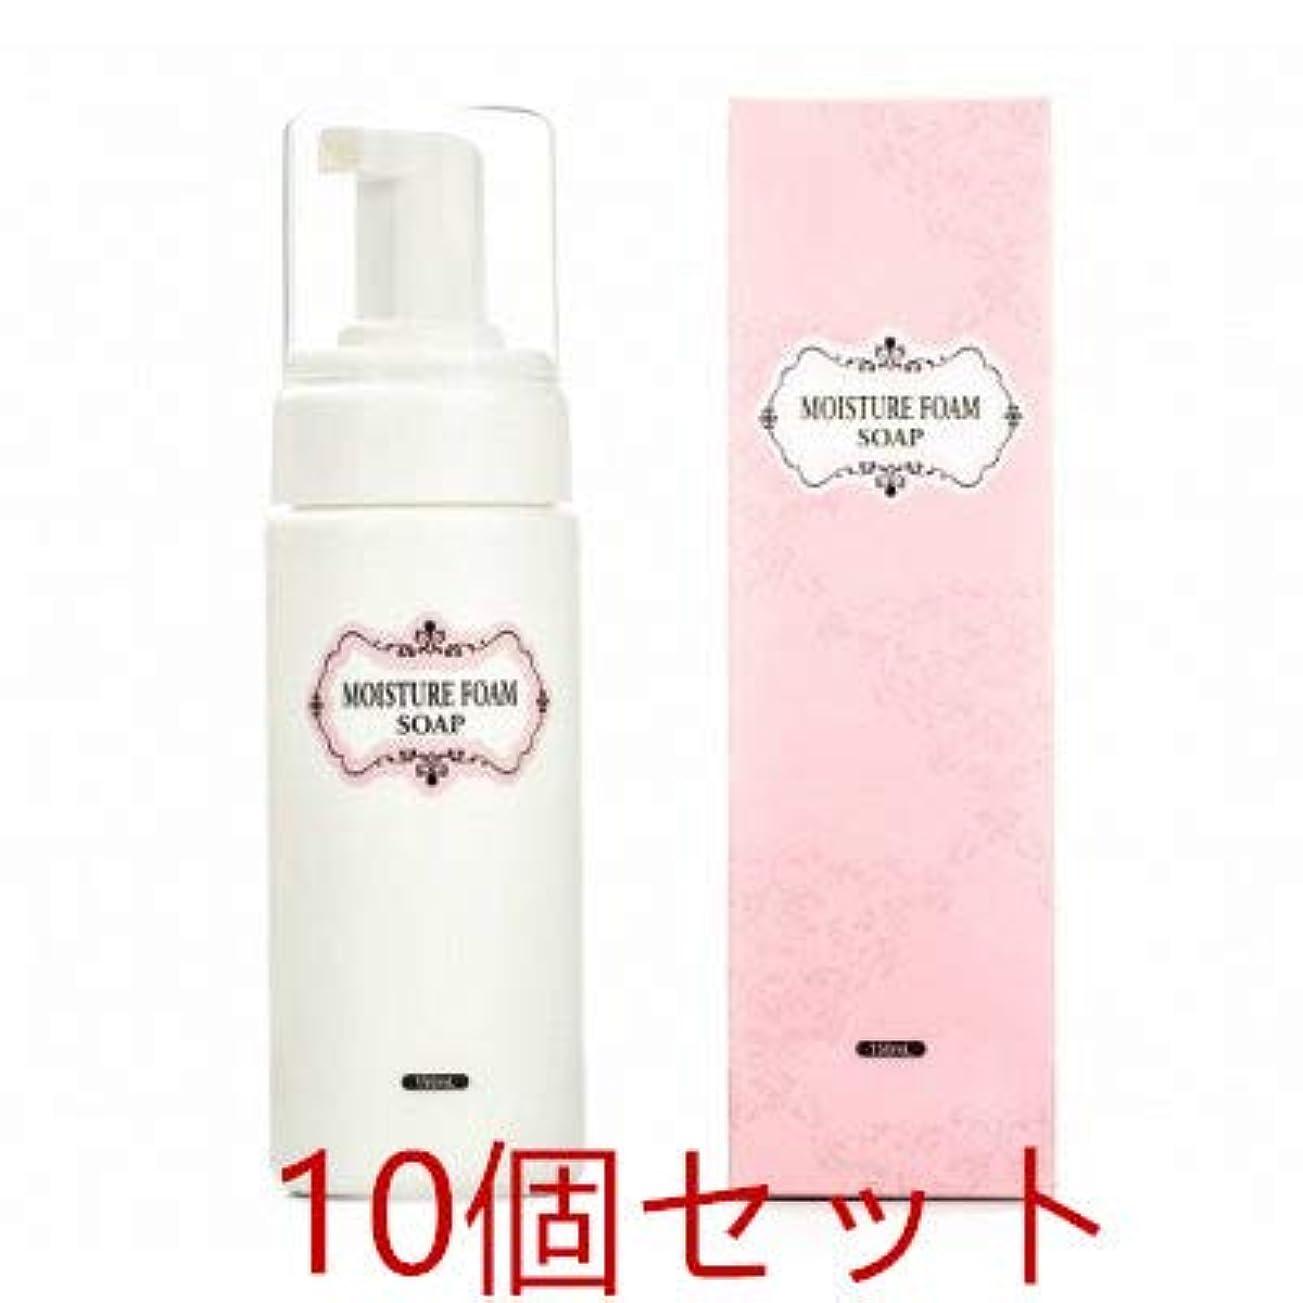 可塑性着るアークMOISTURE FOAM SOAP(モイスチャーフォームソープ) 150ml10個セット